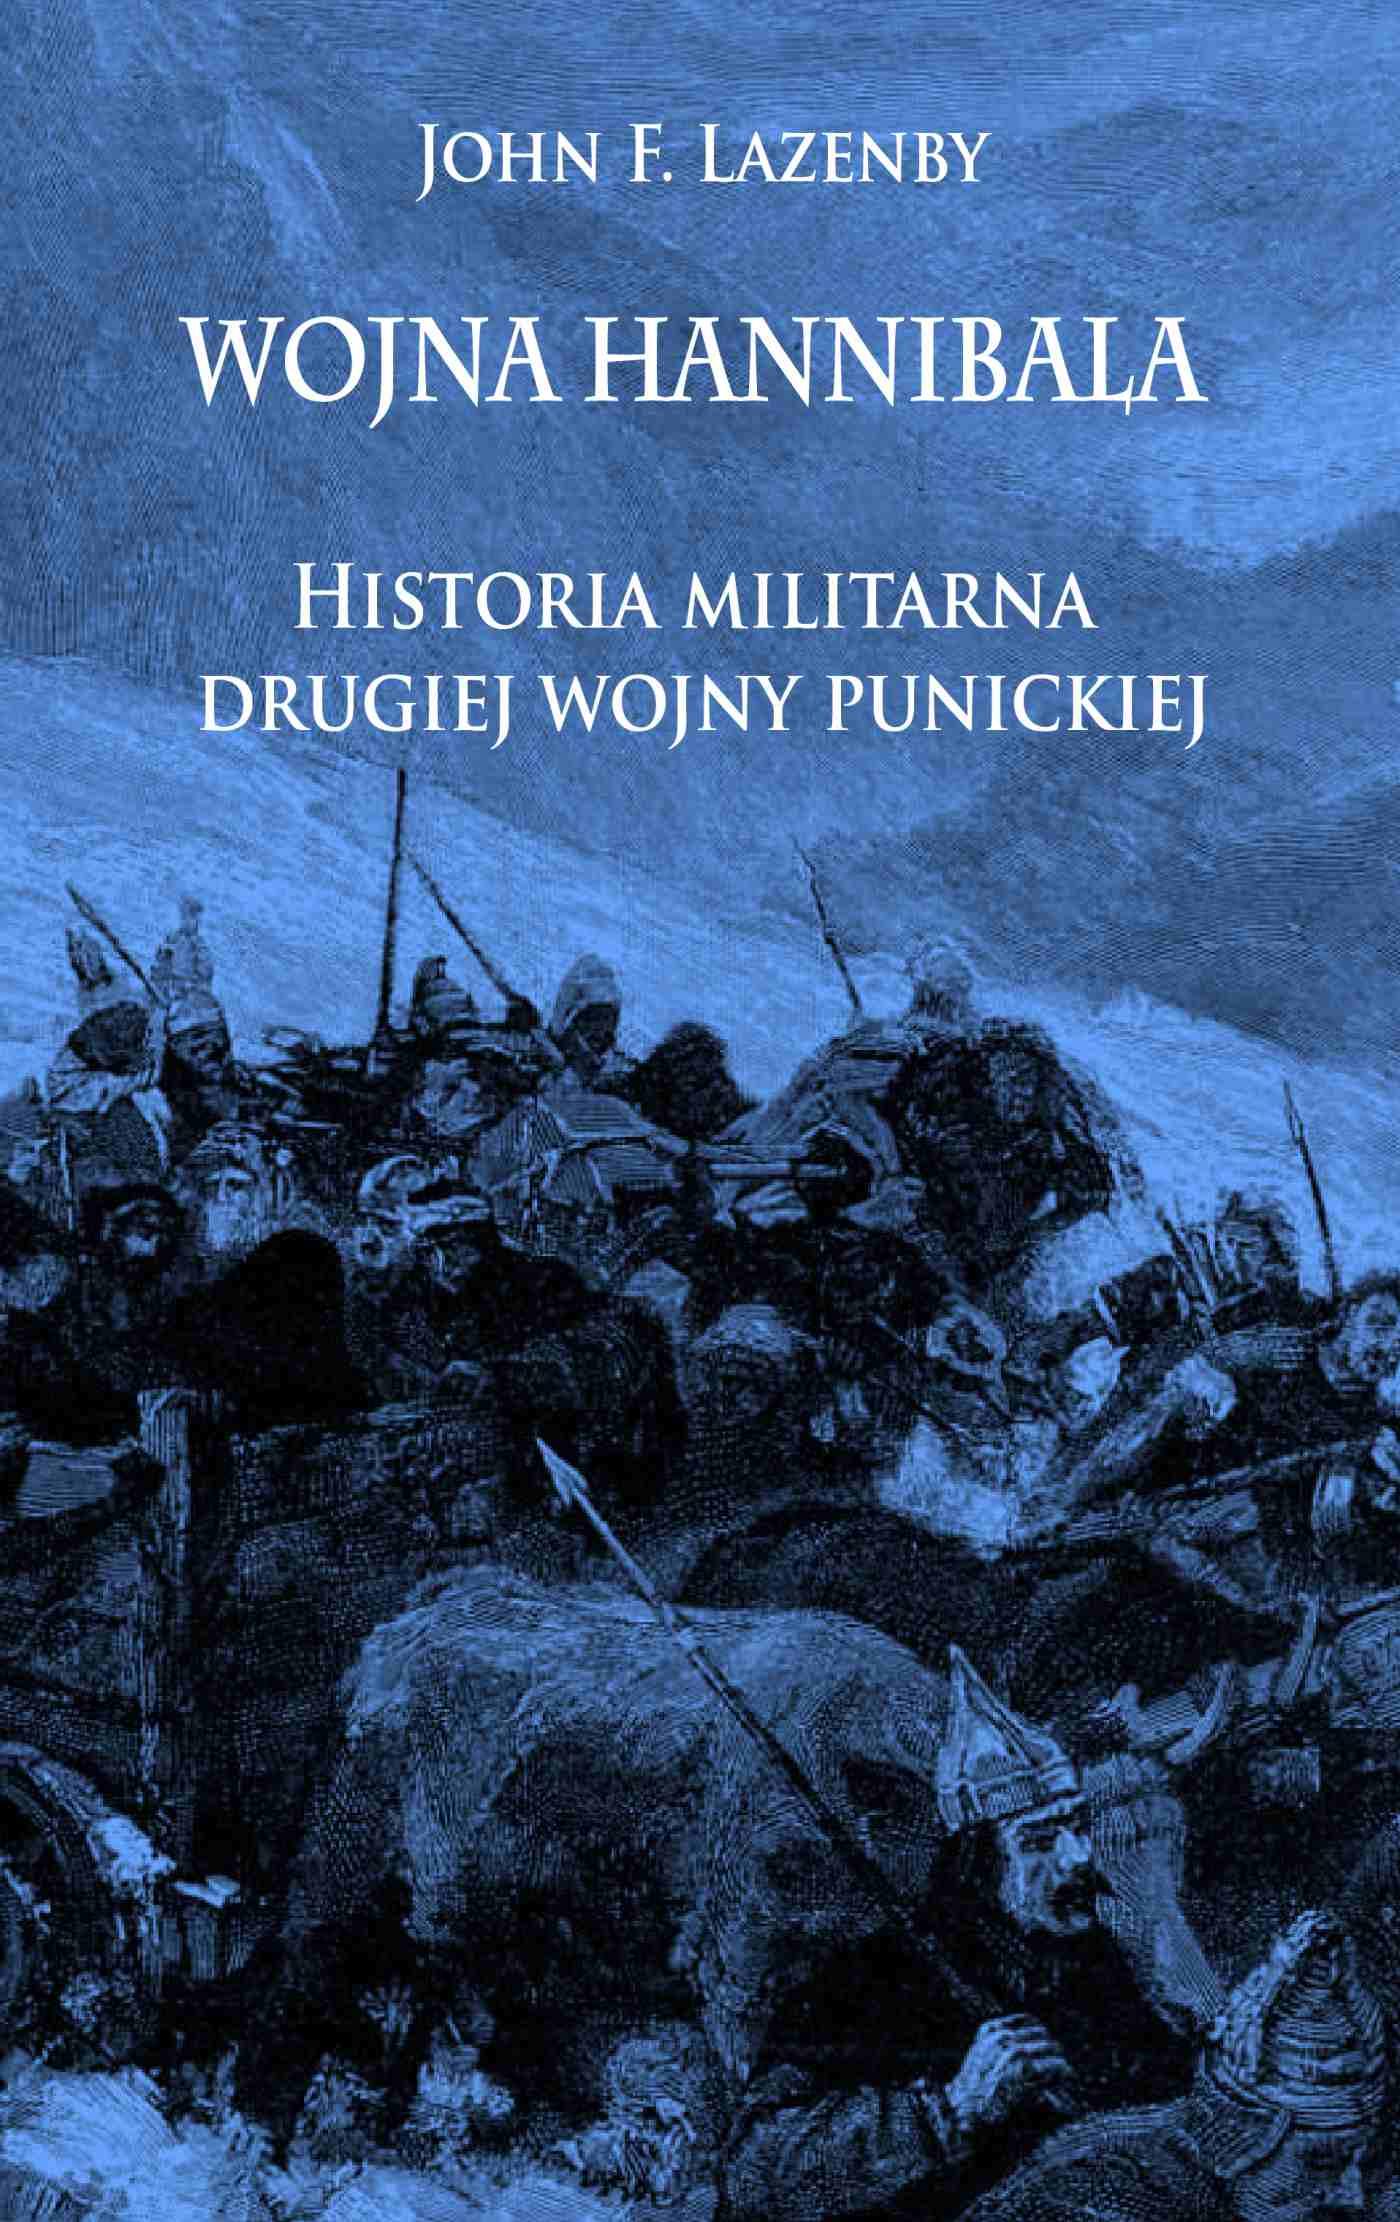 Wojna Hannibala. Historia militarna drugiej wojny punickiej - Ebook (Książka na Kindle) do pobrania w formacie MOBI